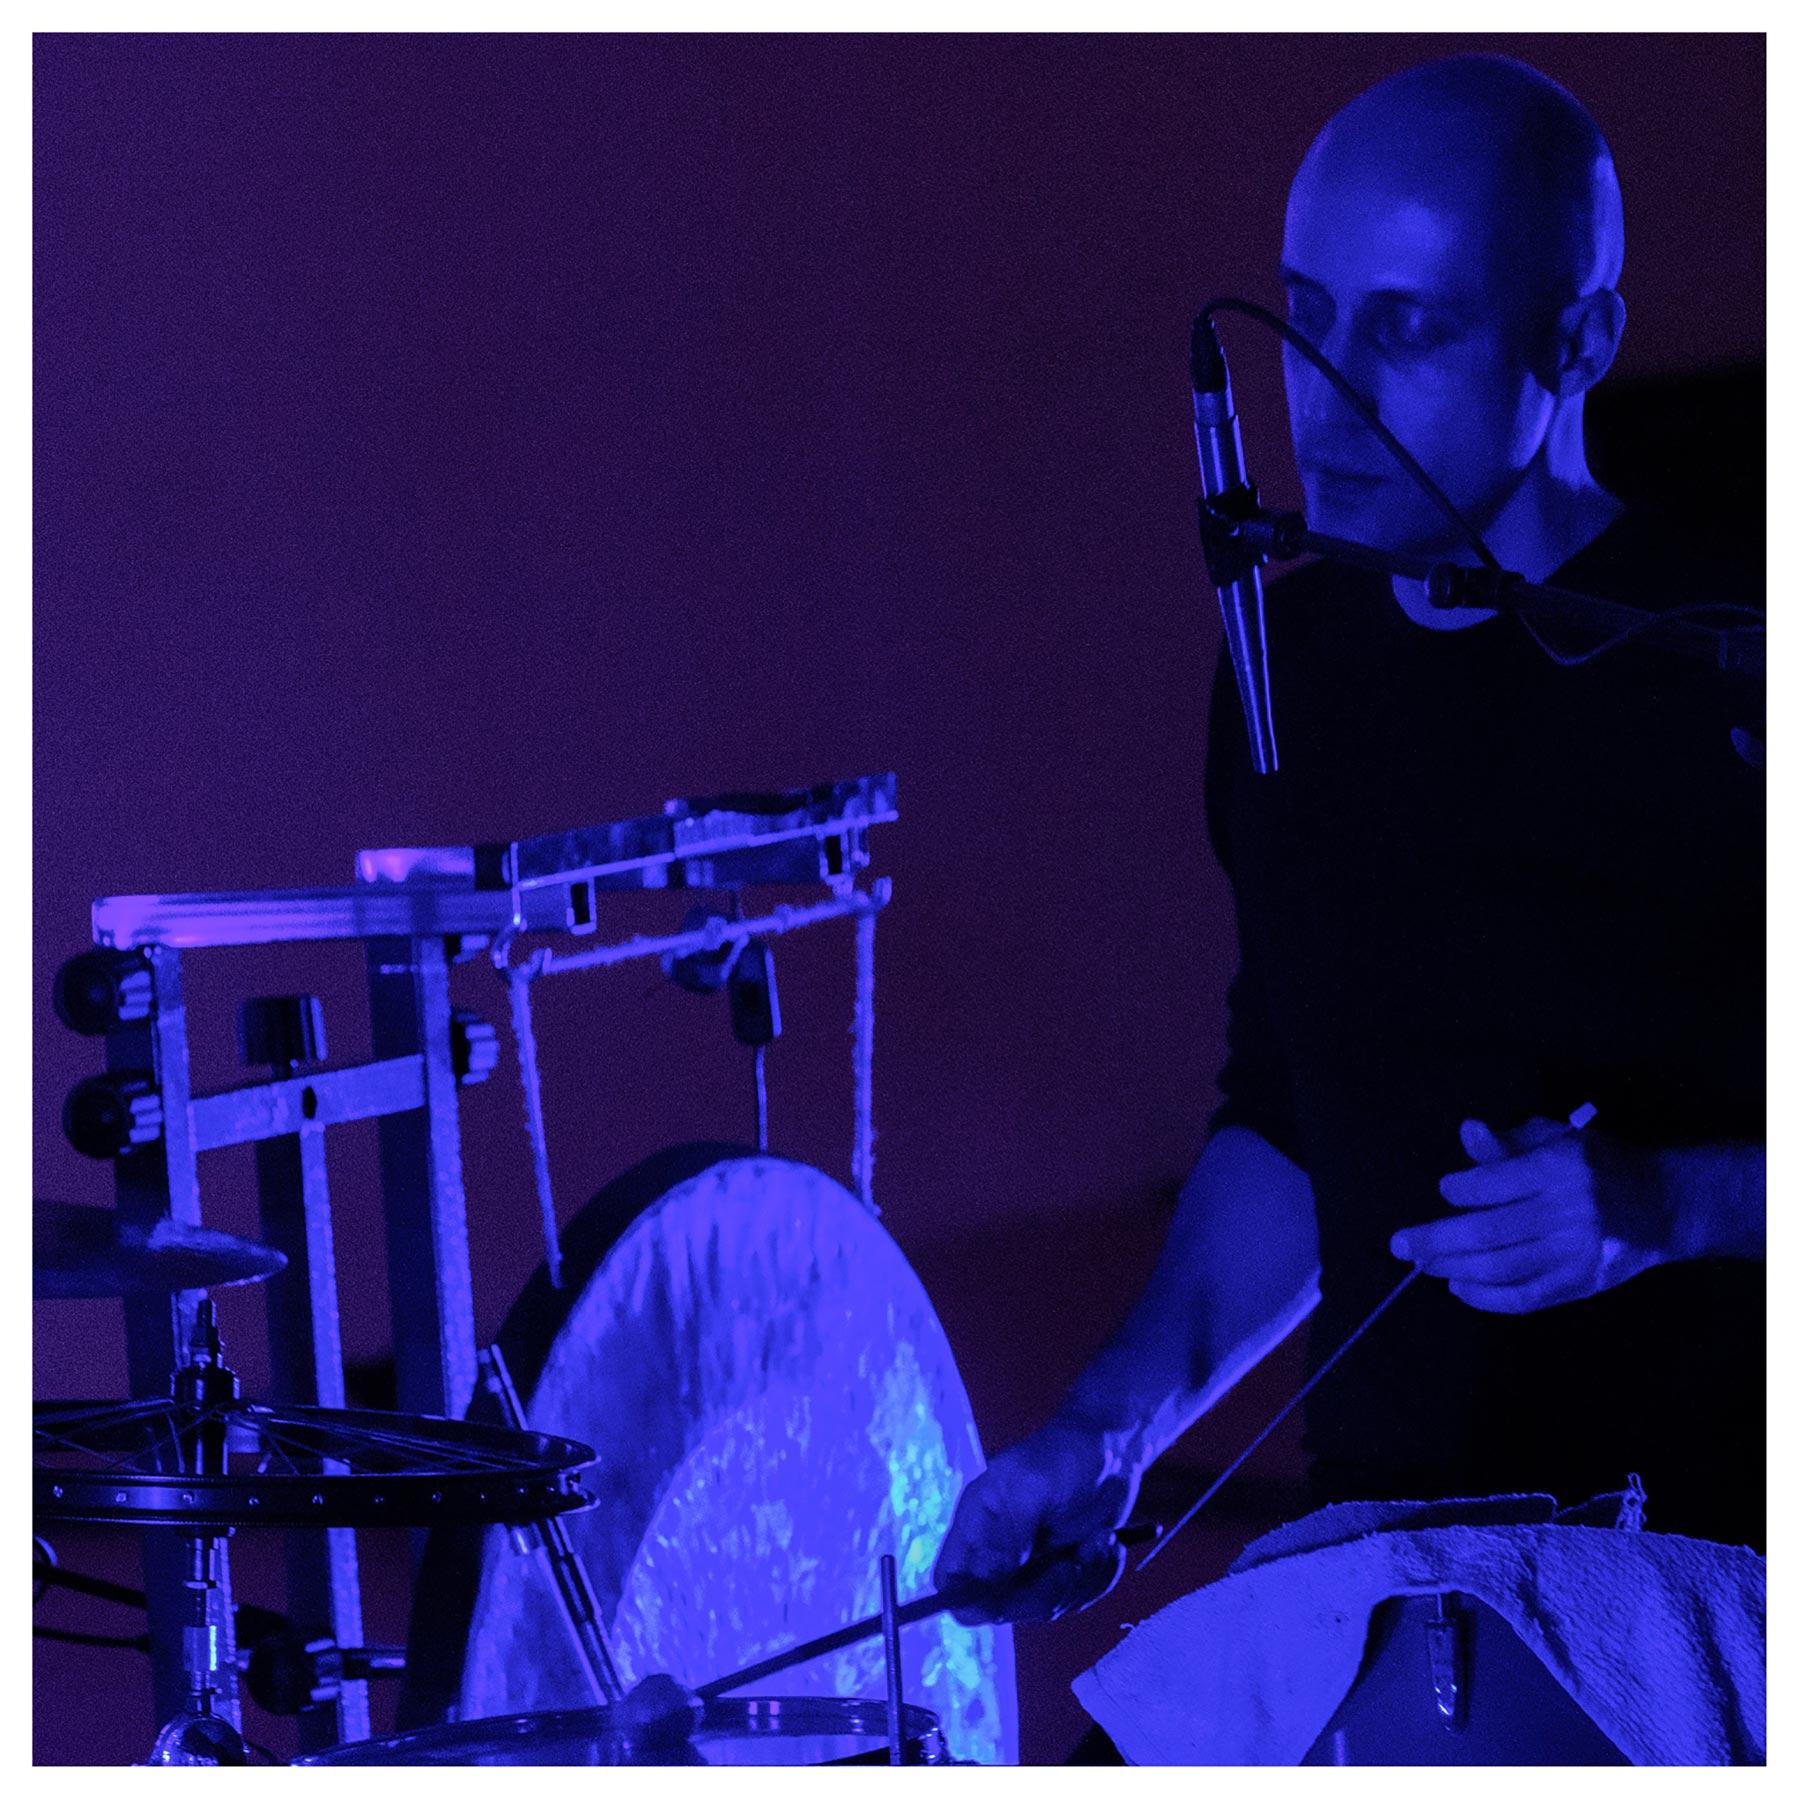 Luis Tabuenca at the Bernaola Music Festival, Artium, Vitoria-Gasteiz, Spain